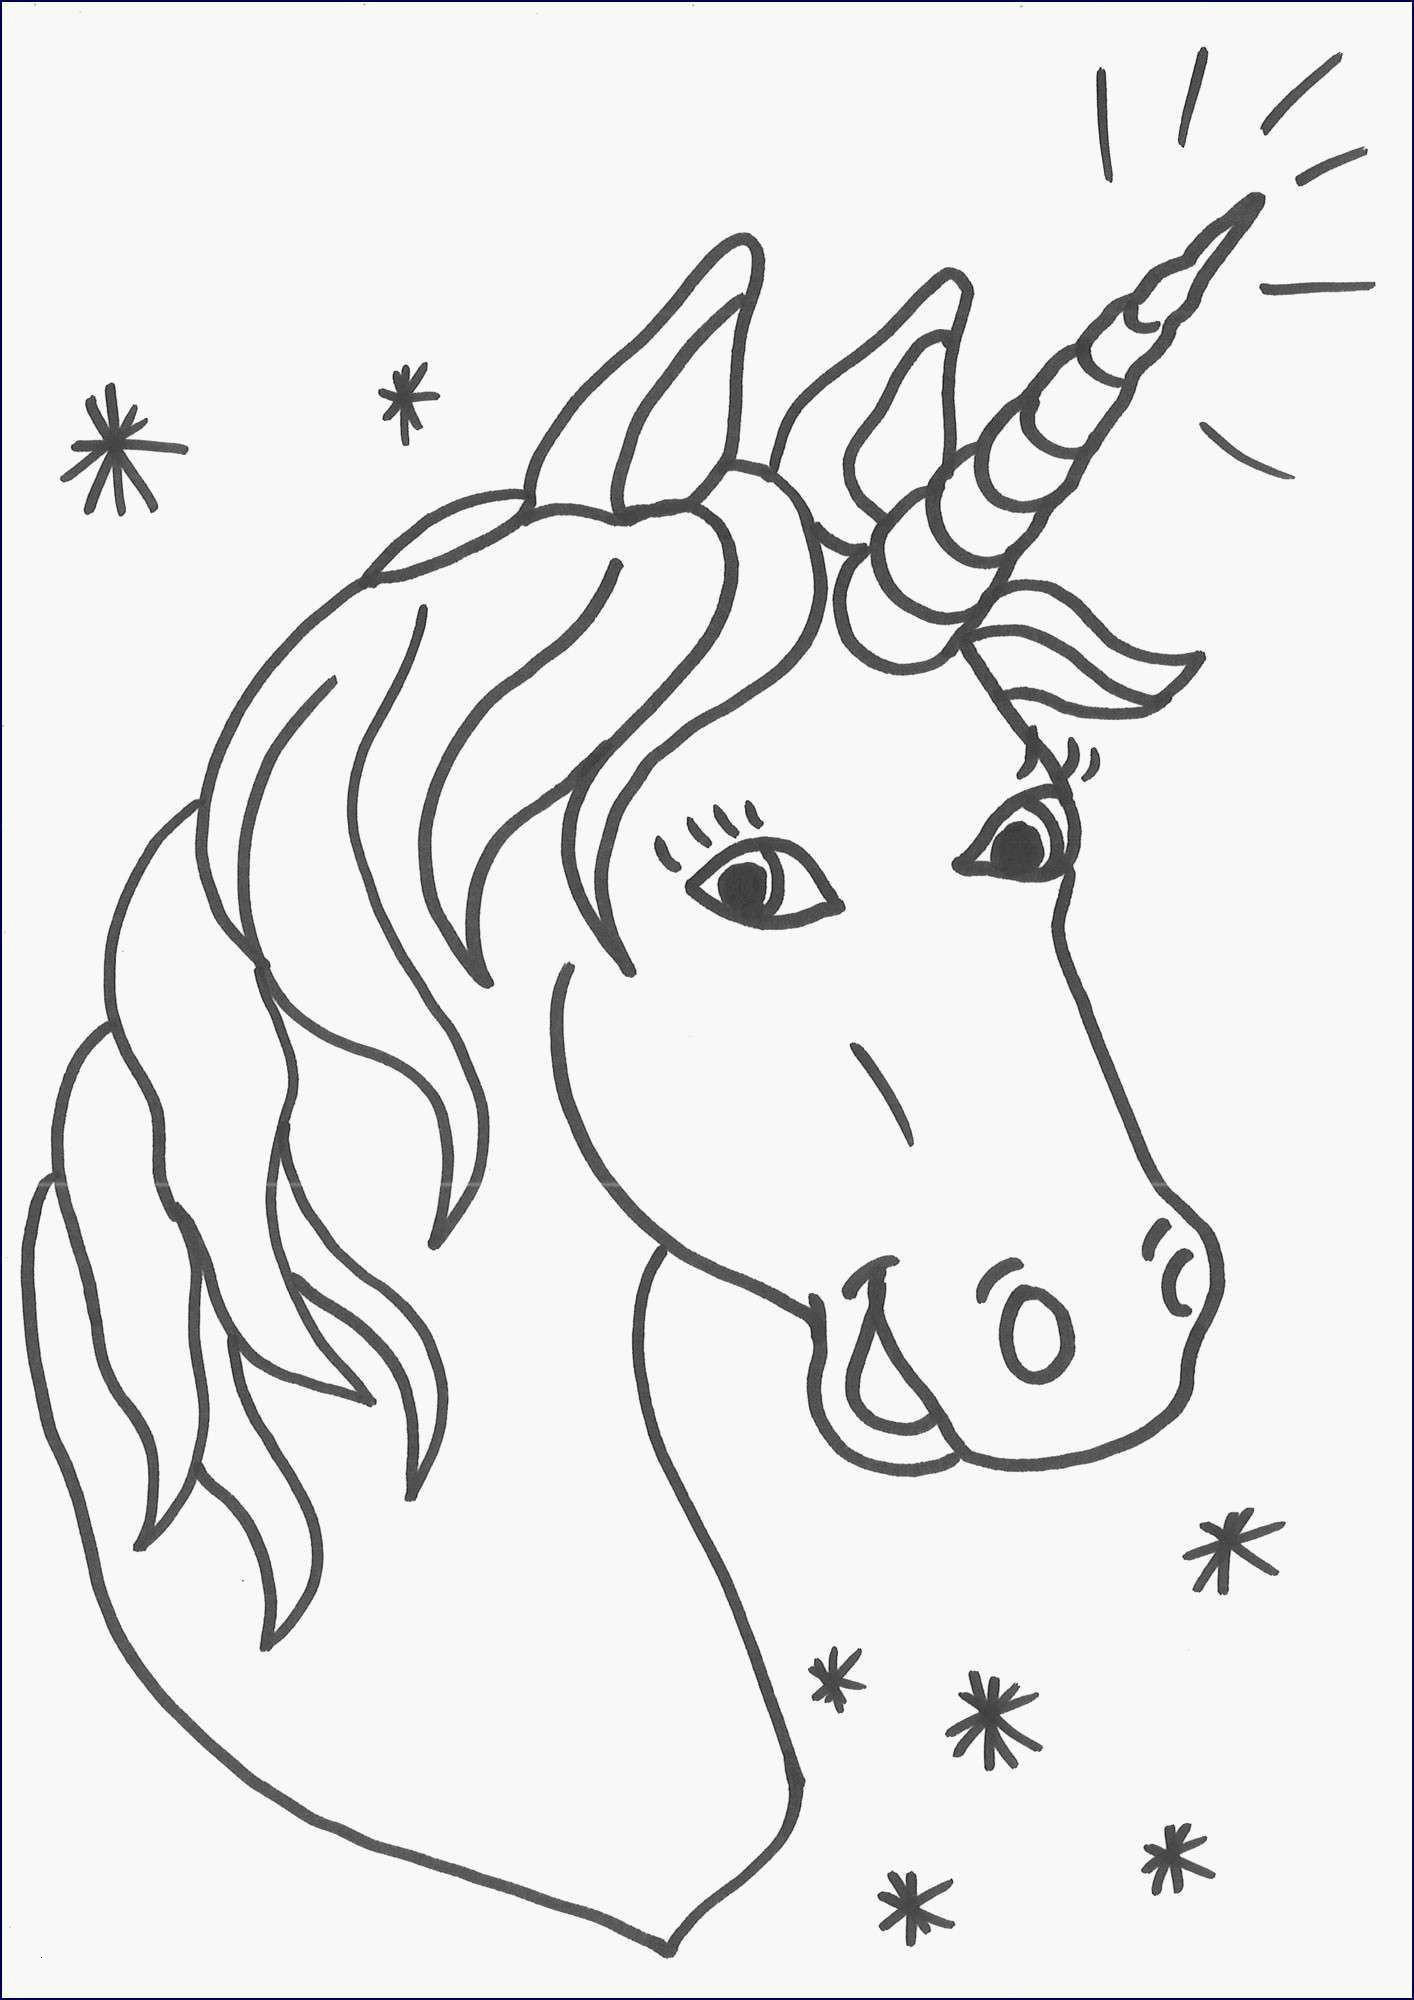 Ausmalbilder Harry Potter Frisch Darth Maul Ausmalbilder Inspirierend Darth Maul Drawing at Elegant Bild